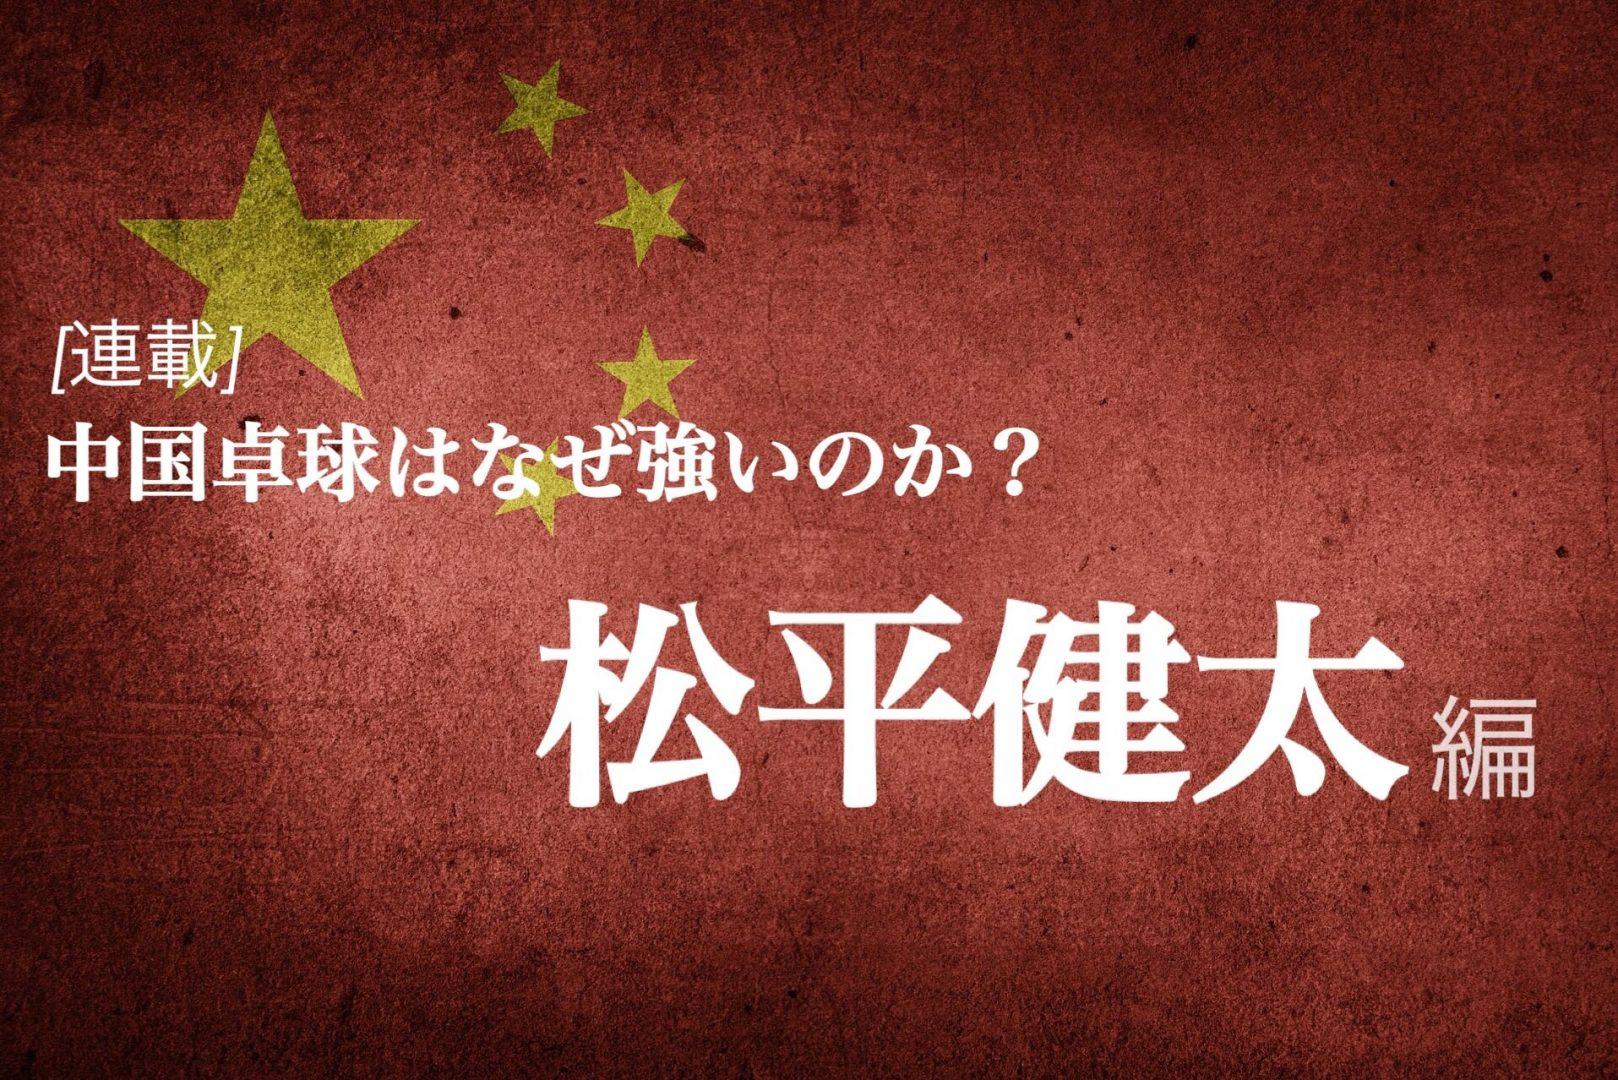 なぜ中国は卓球が強いのか?<Vol4. 松平健太>